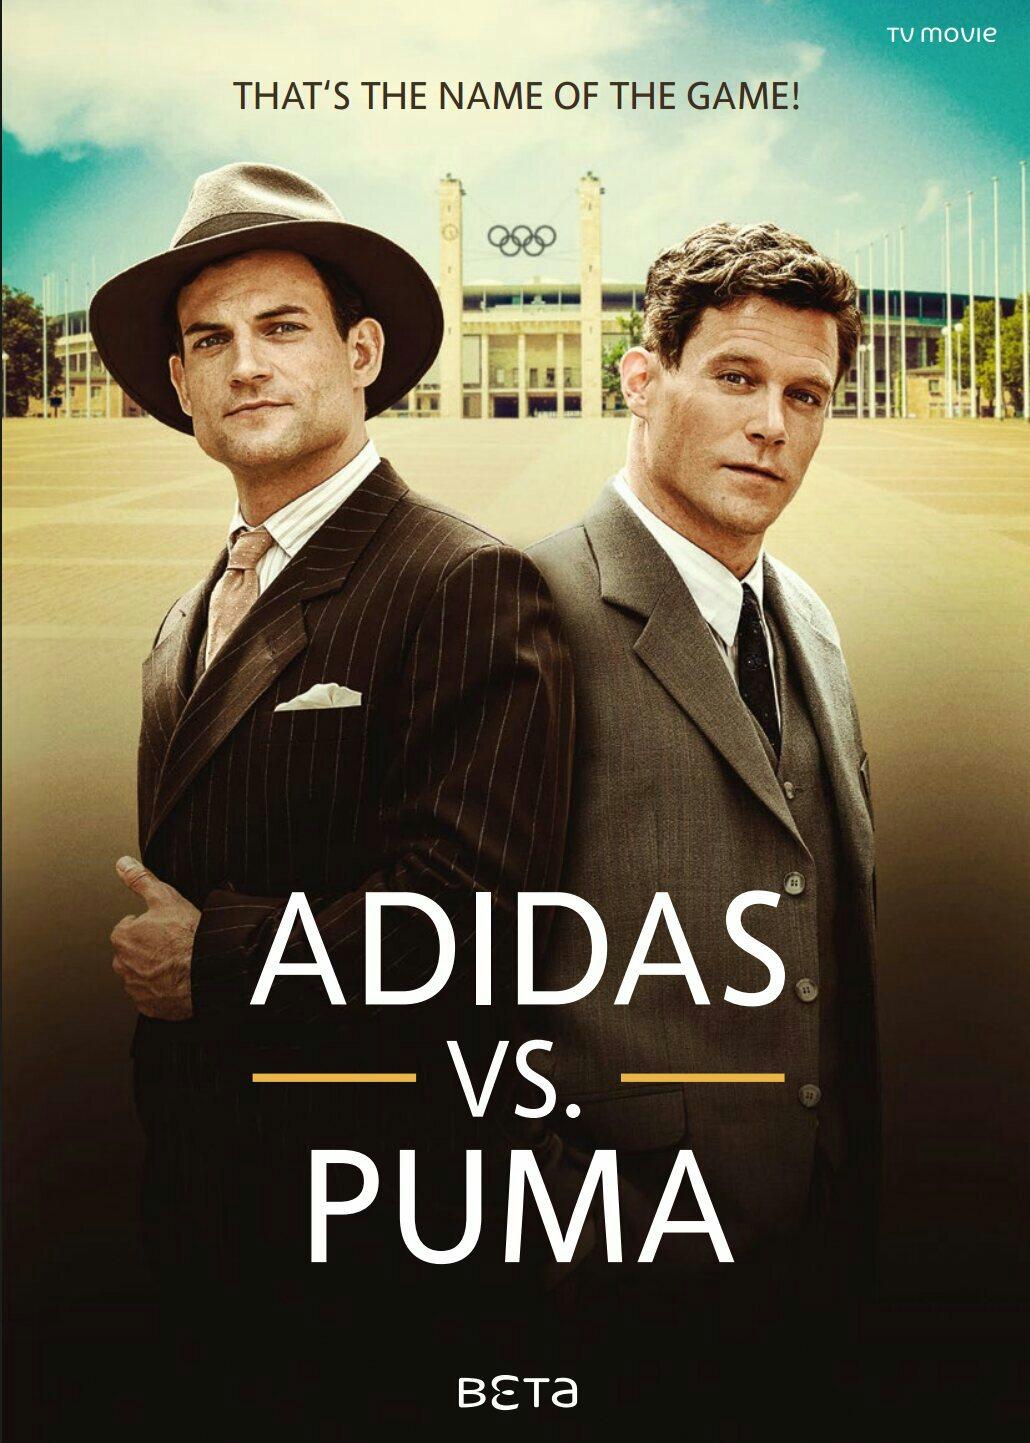 Von Duell Geschichte Adidas Puma Movie tv Der Und Die Brüder 2016 AI7nB7q